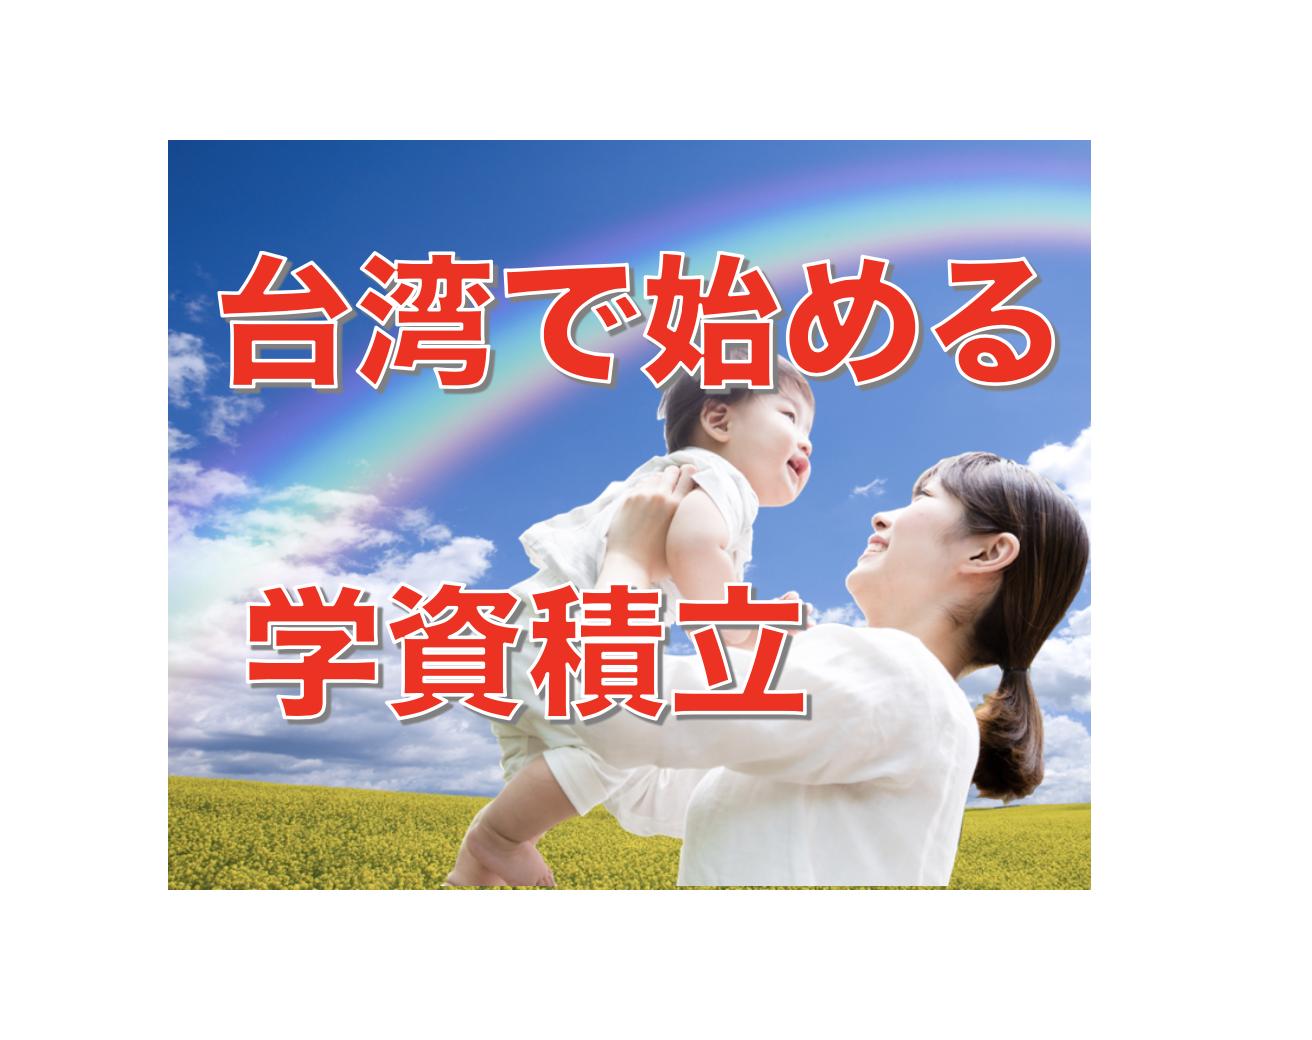 台湾で始める 学資積立